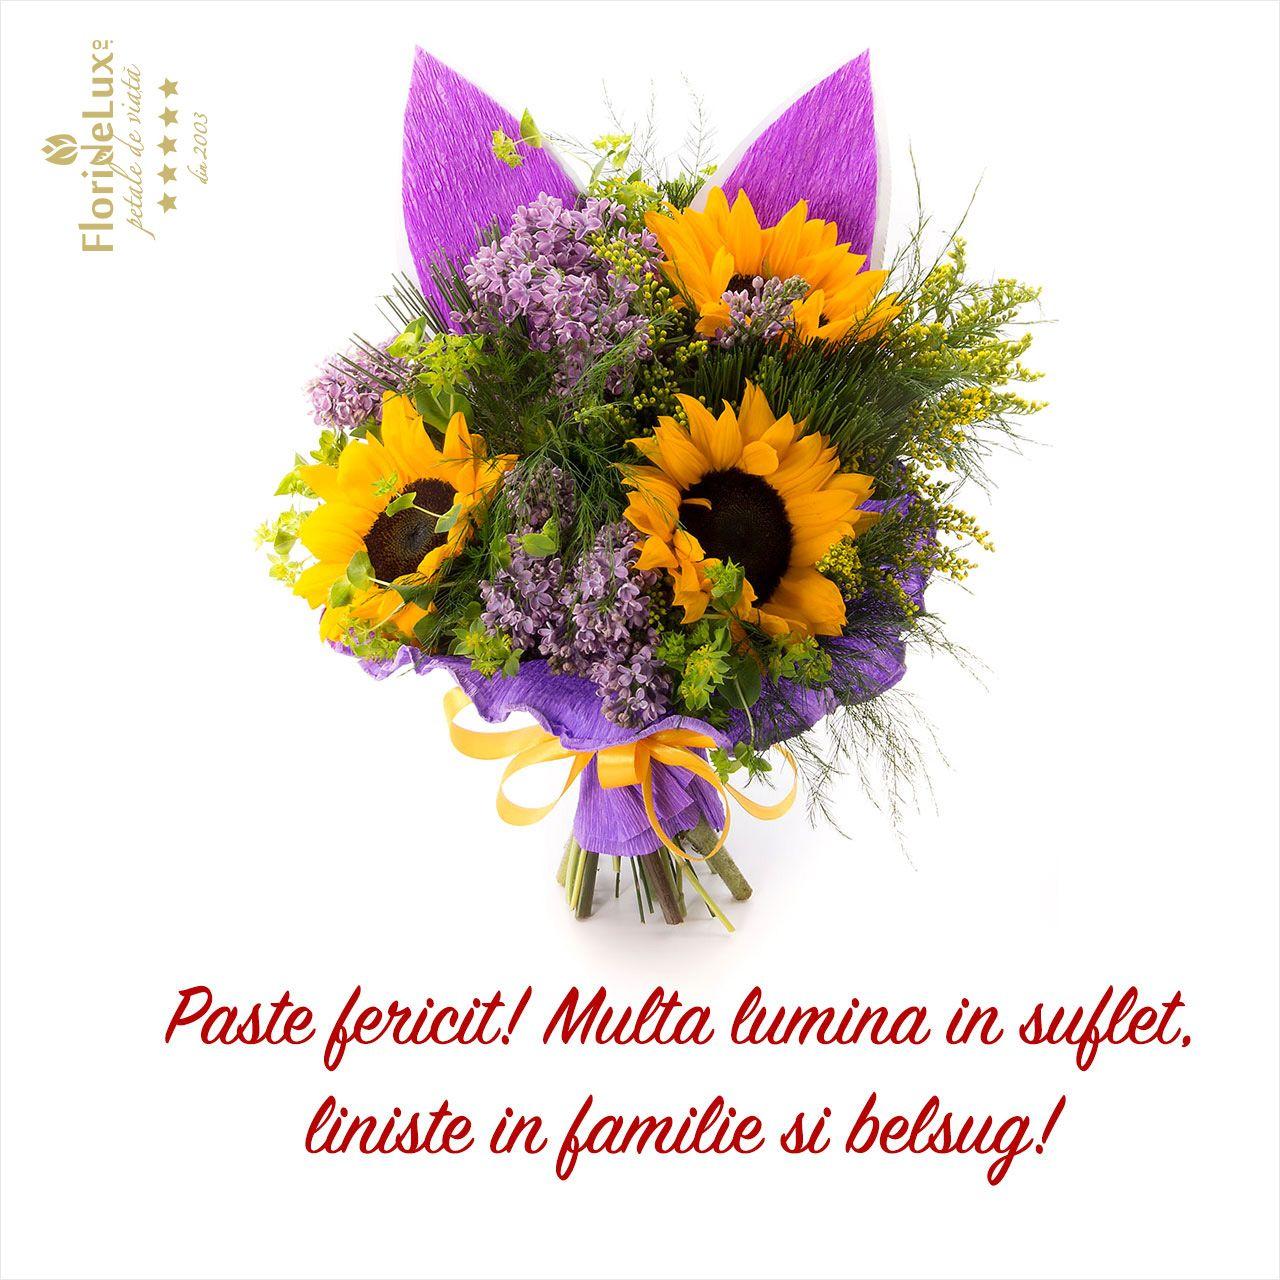 felicitare de Paste, felicitari virtuale de Paste, felicitare cu flori de Paste  https://www.floridelux.ro/flori-pentru-ocazii/flori-cadouri-sarbatori/paste-trimite-flori-de-pasti/